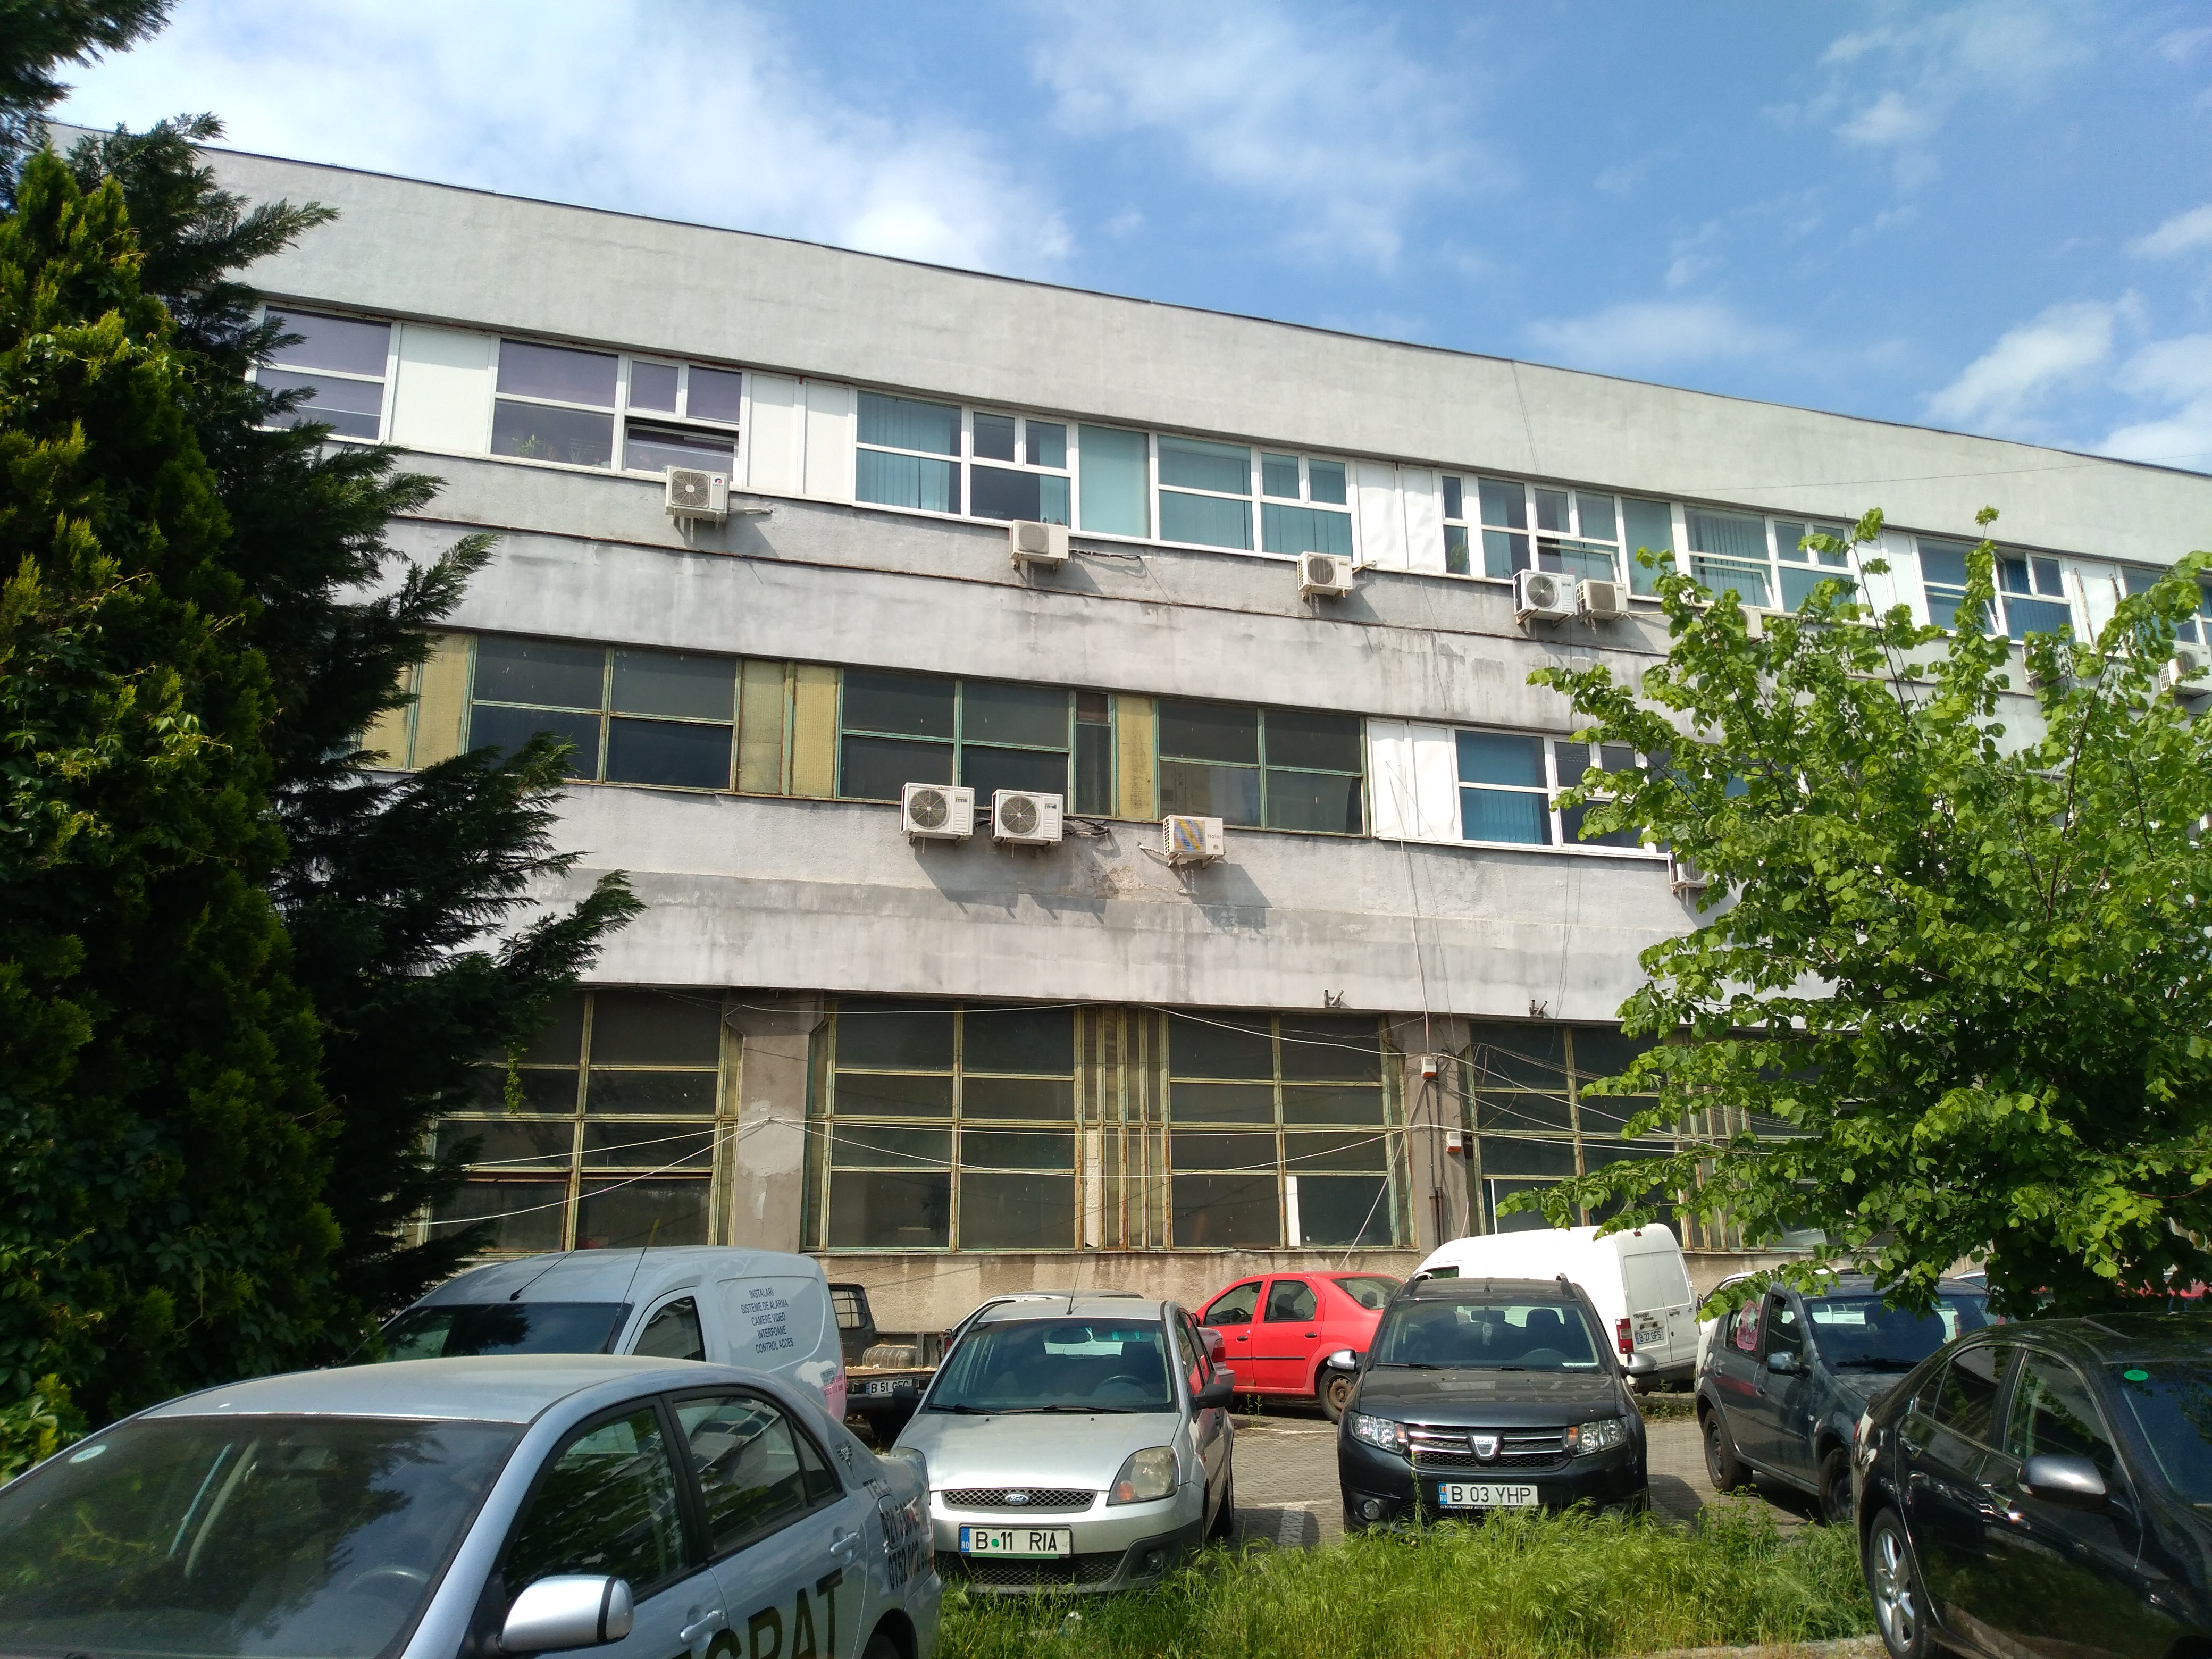 Proprietate imobiliara situata in Bucuresti, str. Cutitul de Argint nr. 14, sector 4